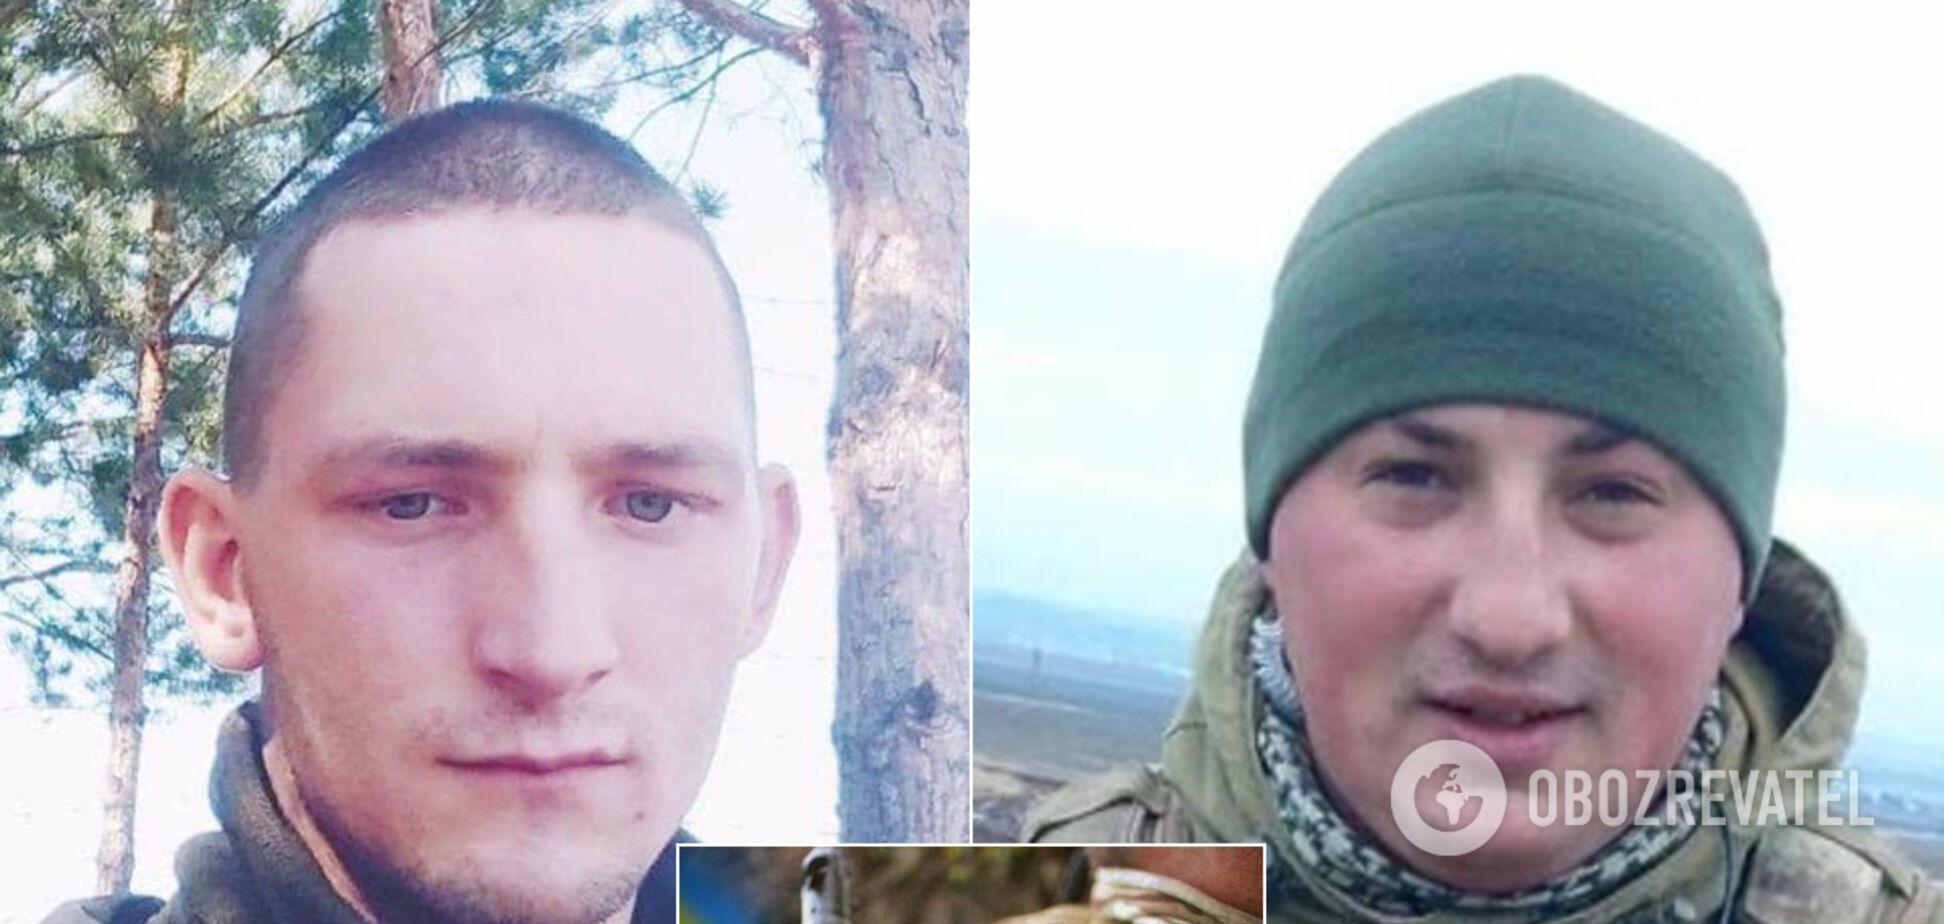 На Донбасі загинули молоді бійці ЗСУ: імена і фото Героїв